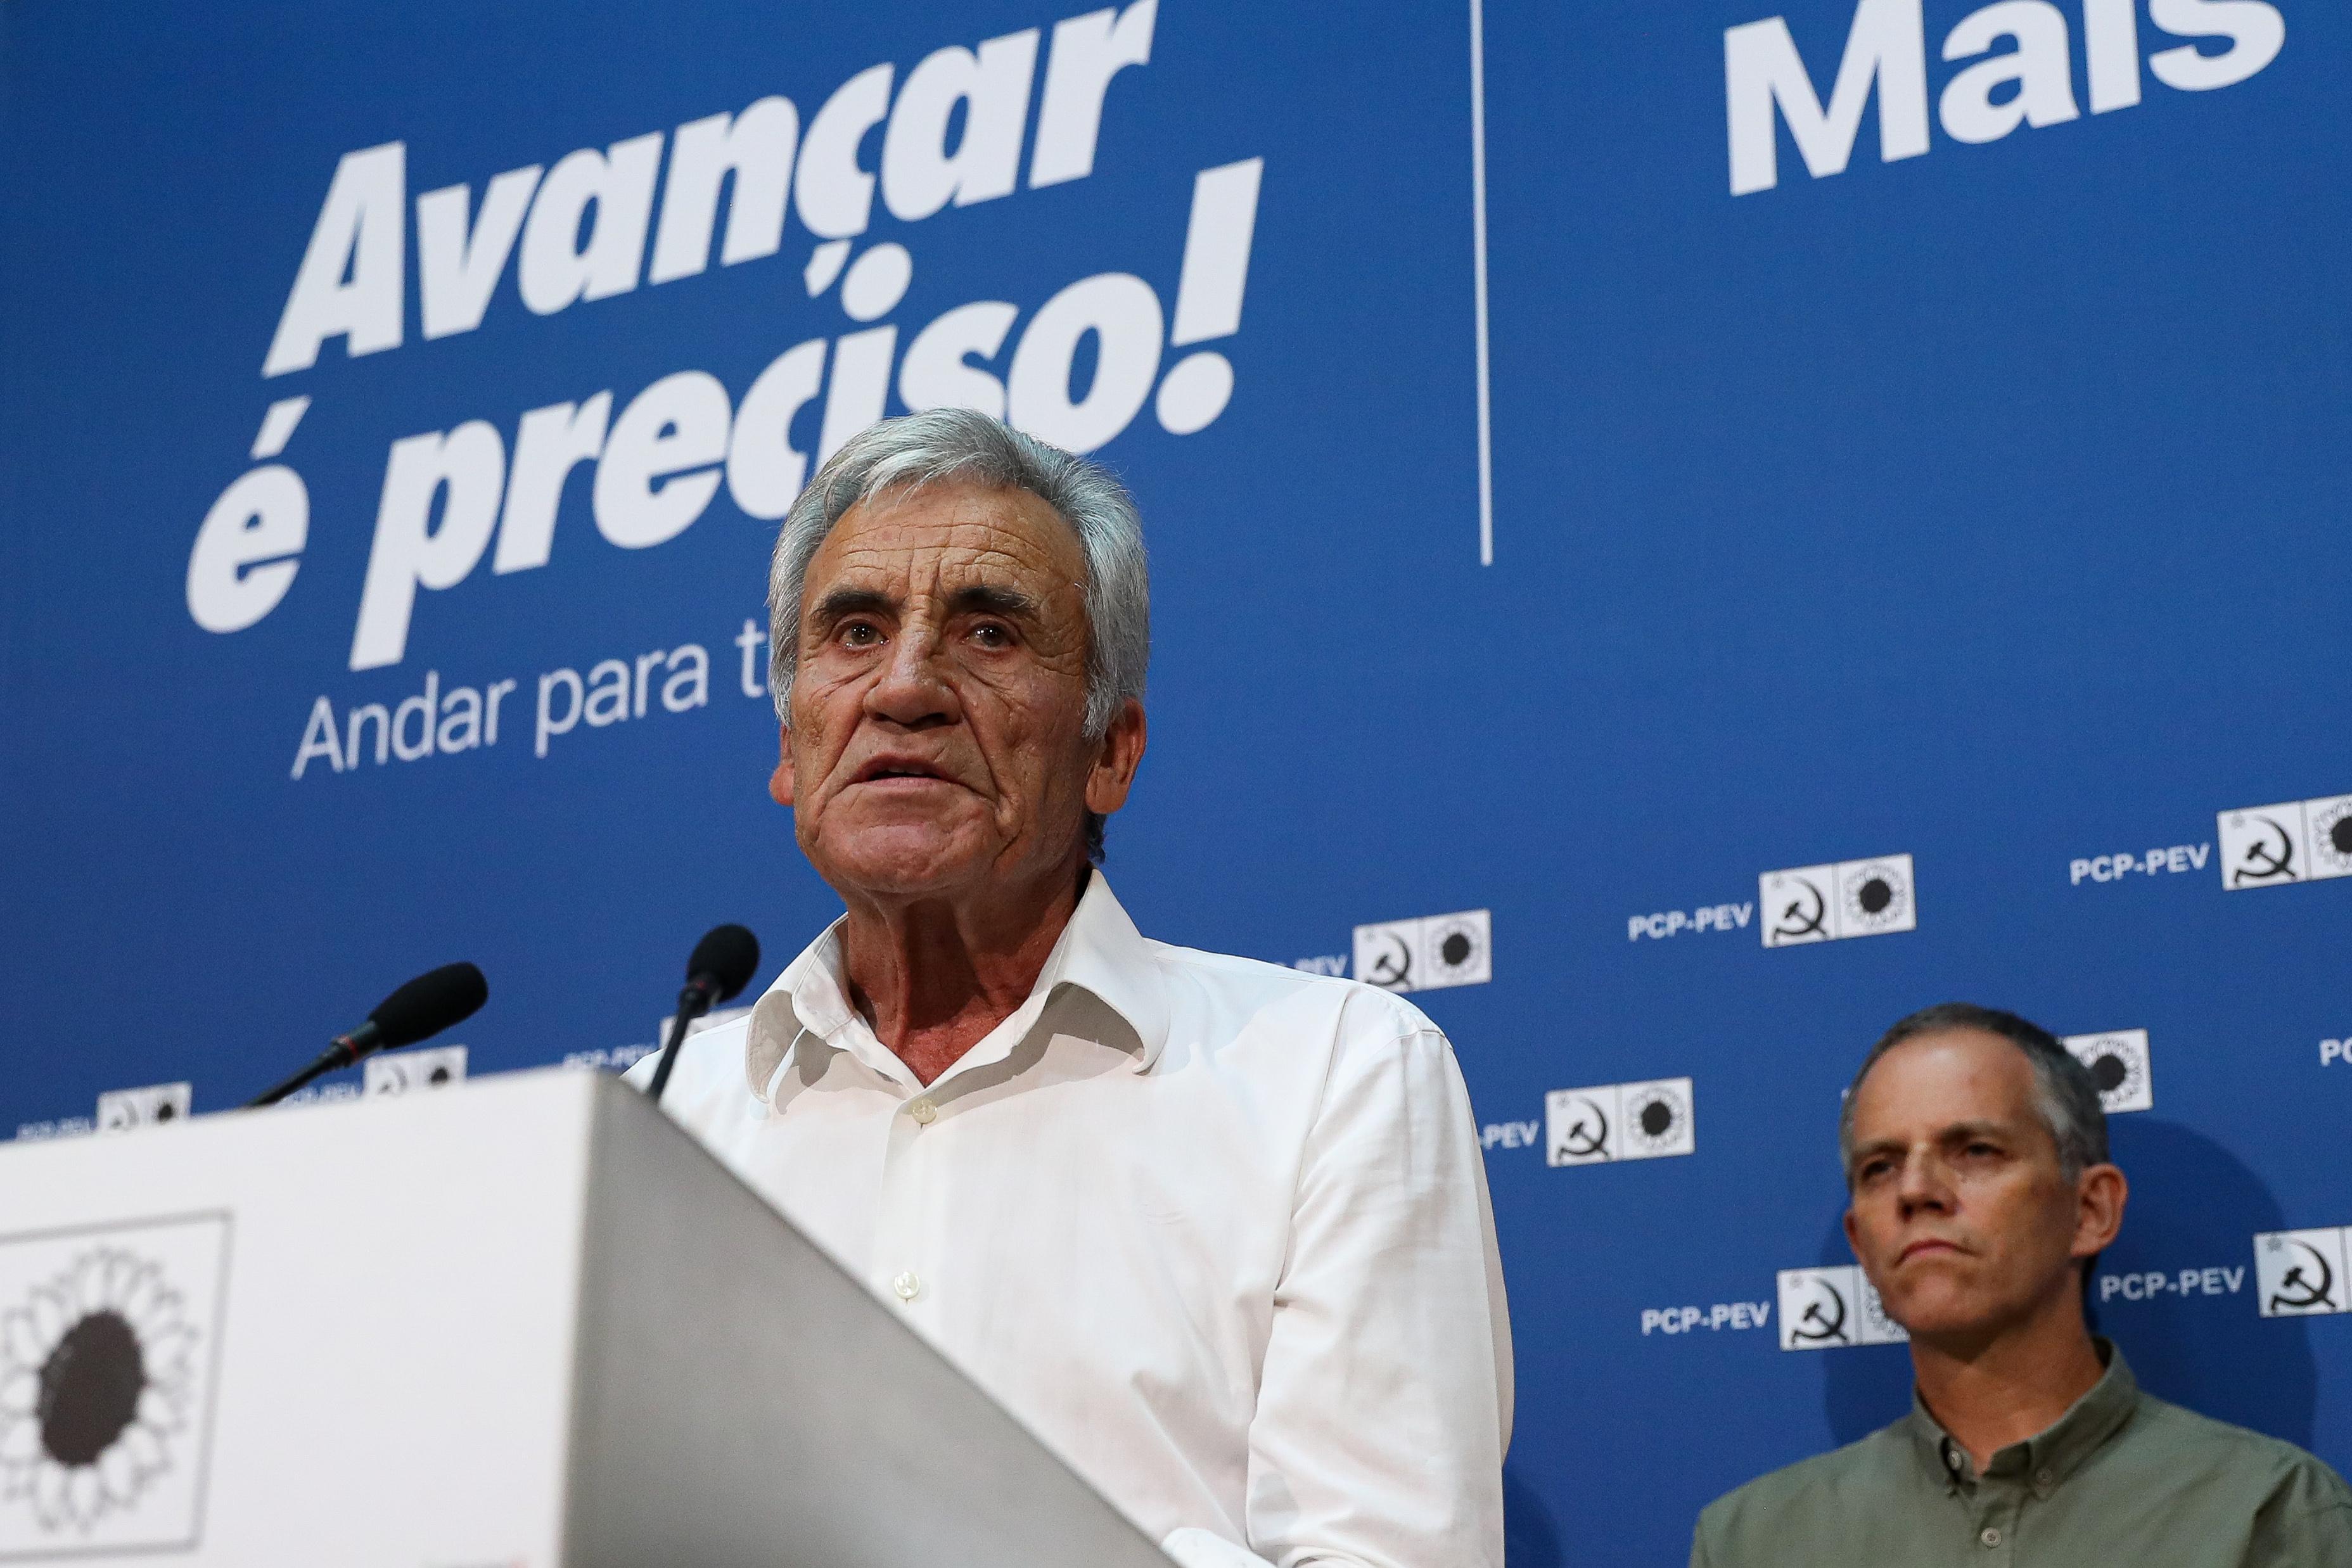 Jerónimo acusa PS, PSD e CDS de quererem rever leis eleitorais para falsificar resultados